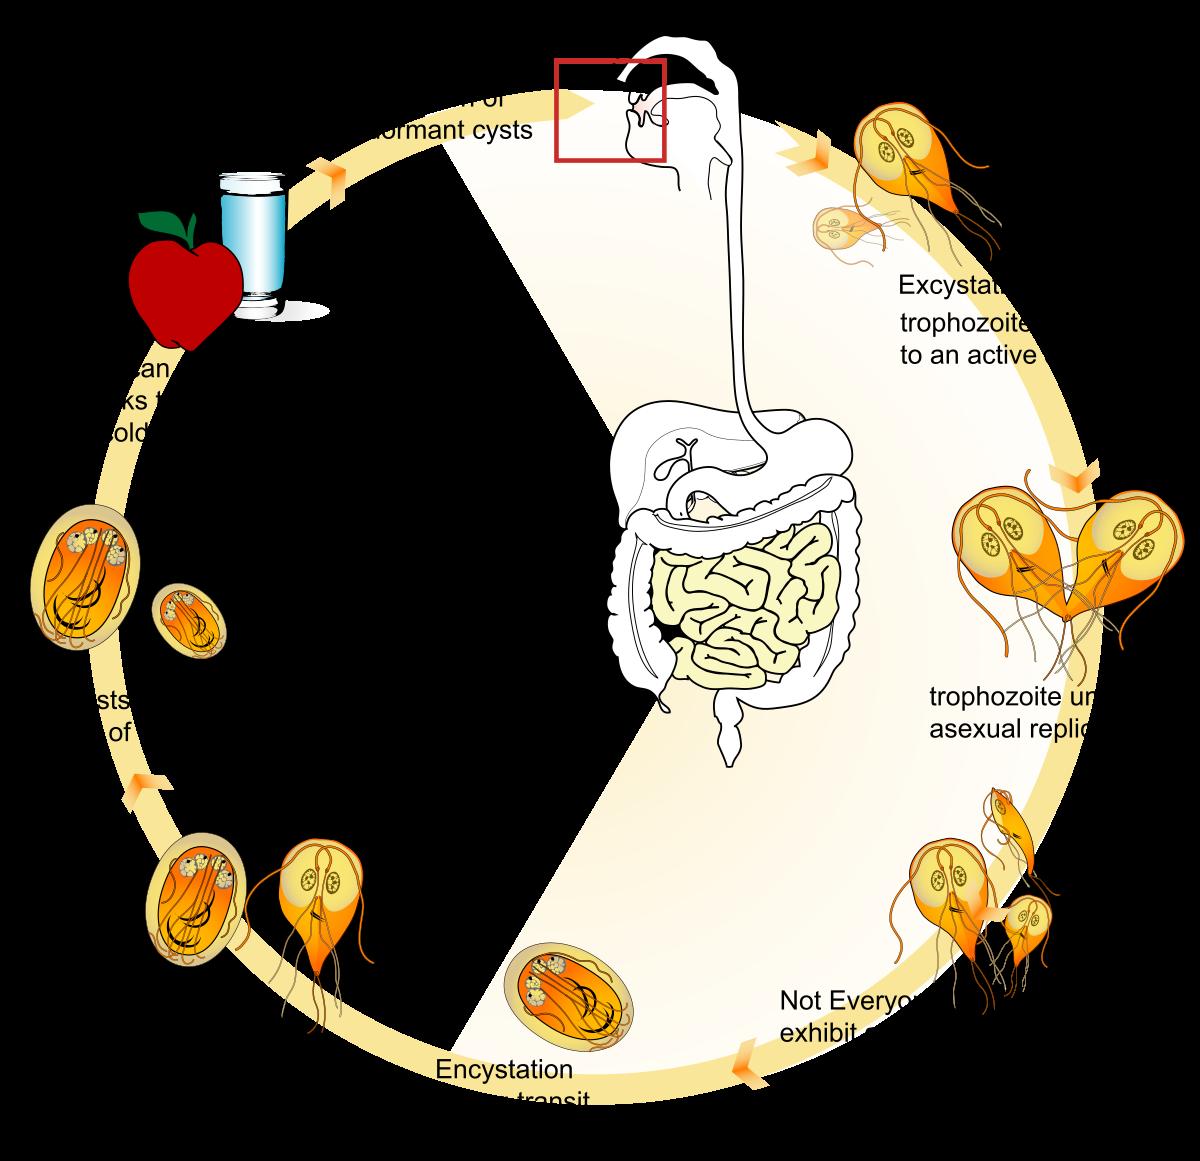 A legegyszerűbb betegséget okozó giardiasis. Giardiasis tünetei és kezelése - HáziPatika